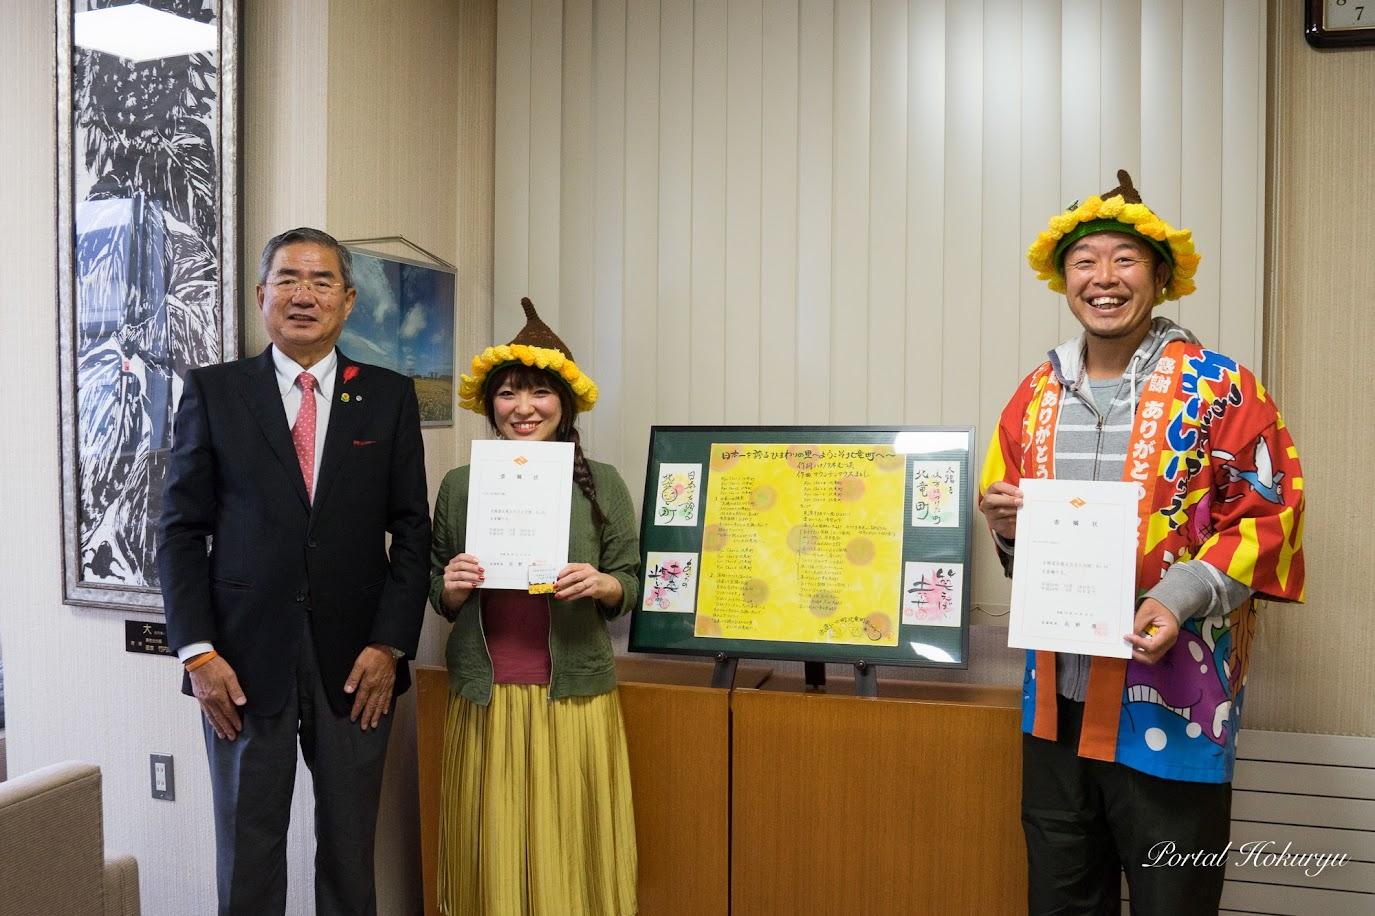 左より:佐野豊町長、ハナノタネむつ美さん、まぁしぃさん